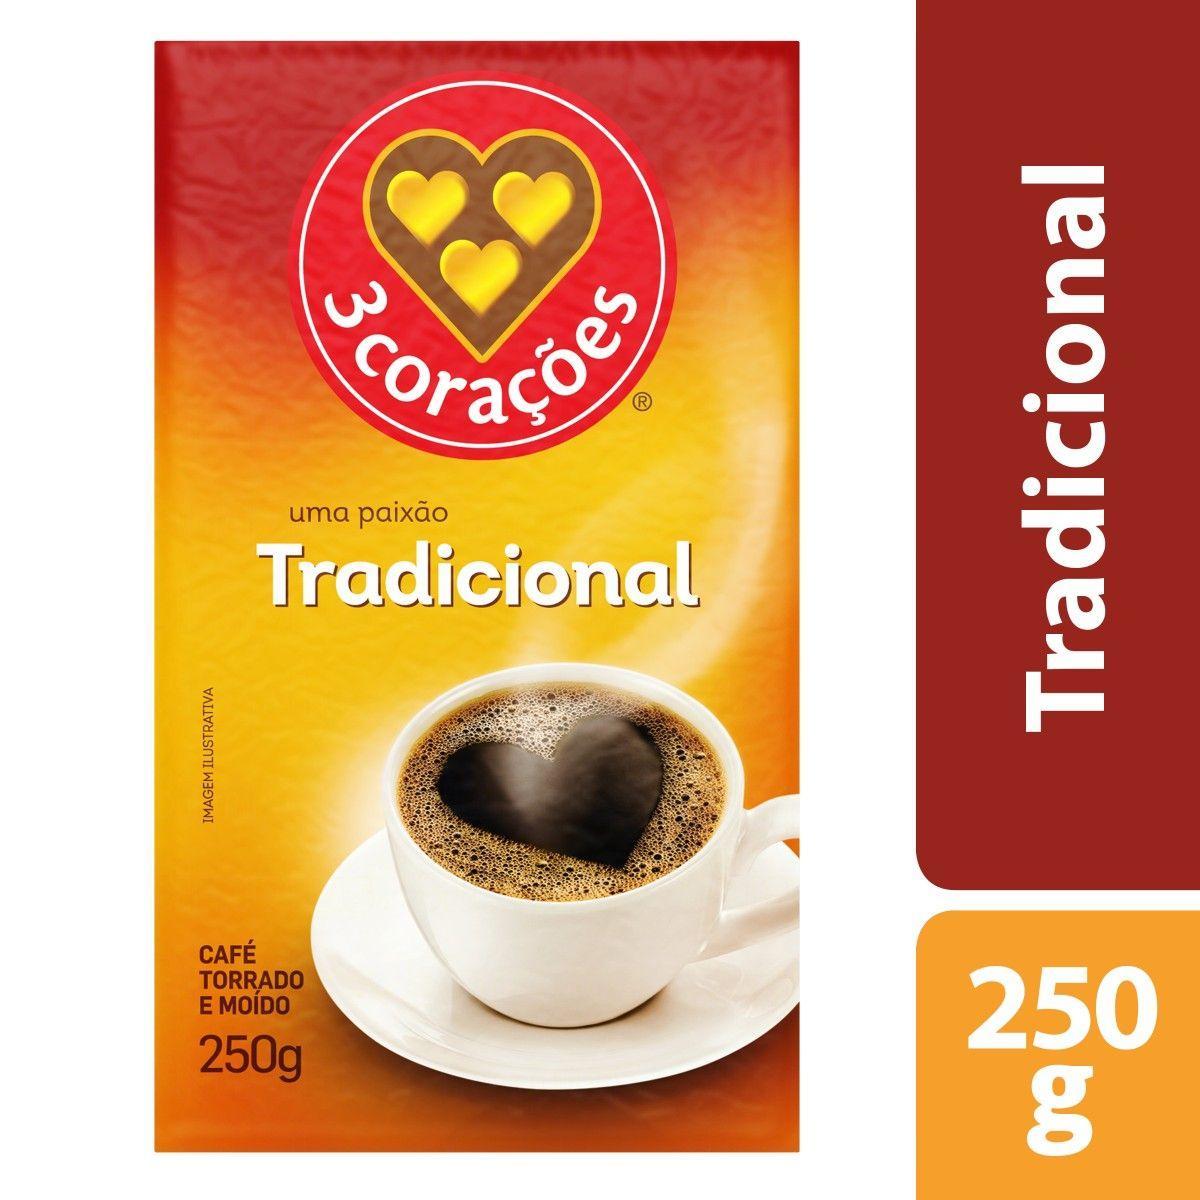 Café torrado e moído tradicional (em pó) 250g 3 Corações vácuo UN